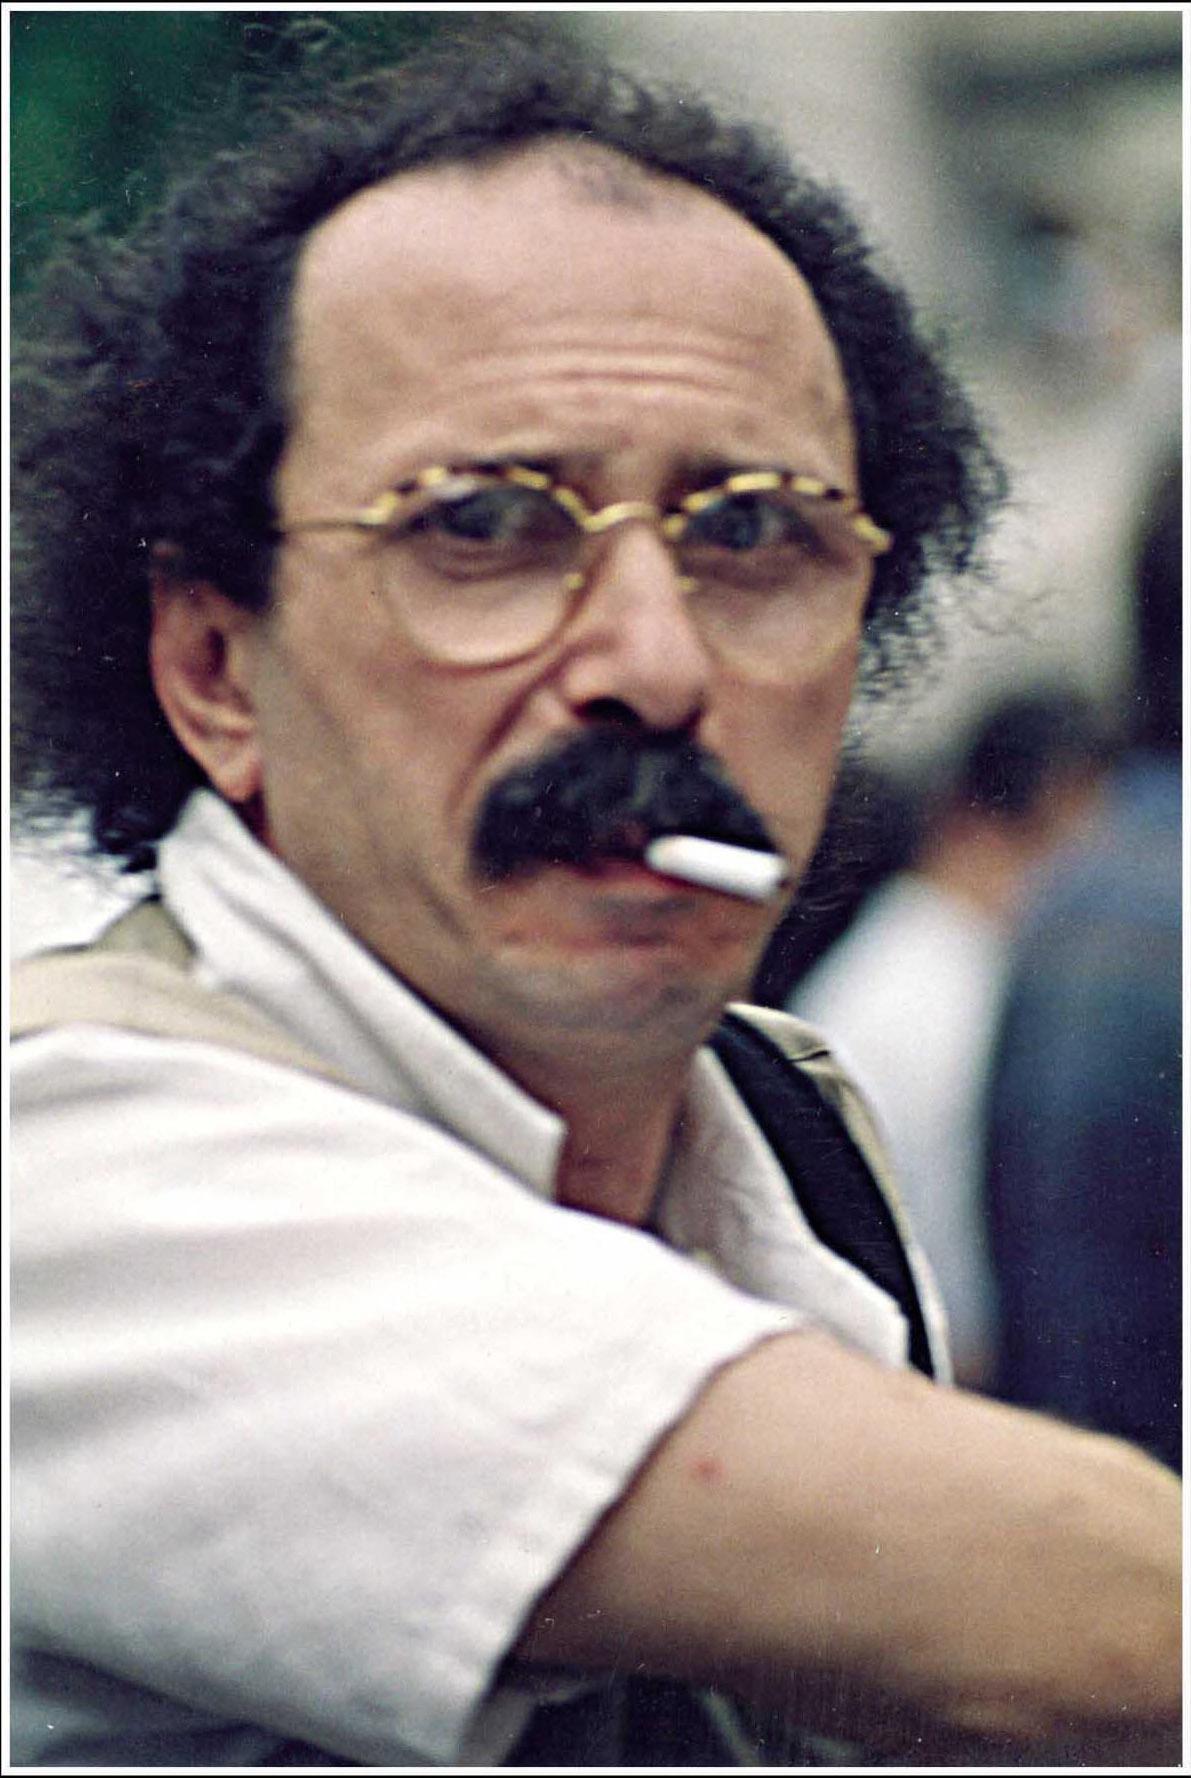 Raffaele Graziano